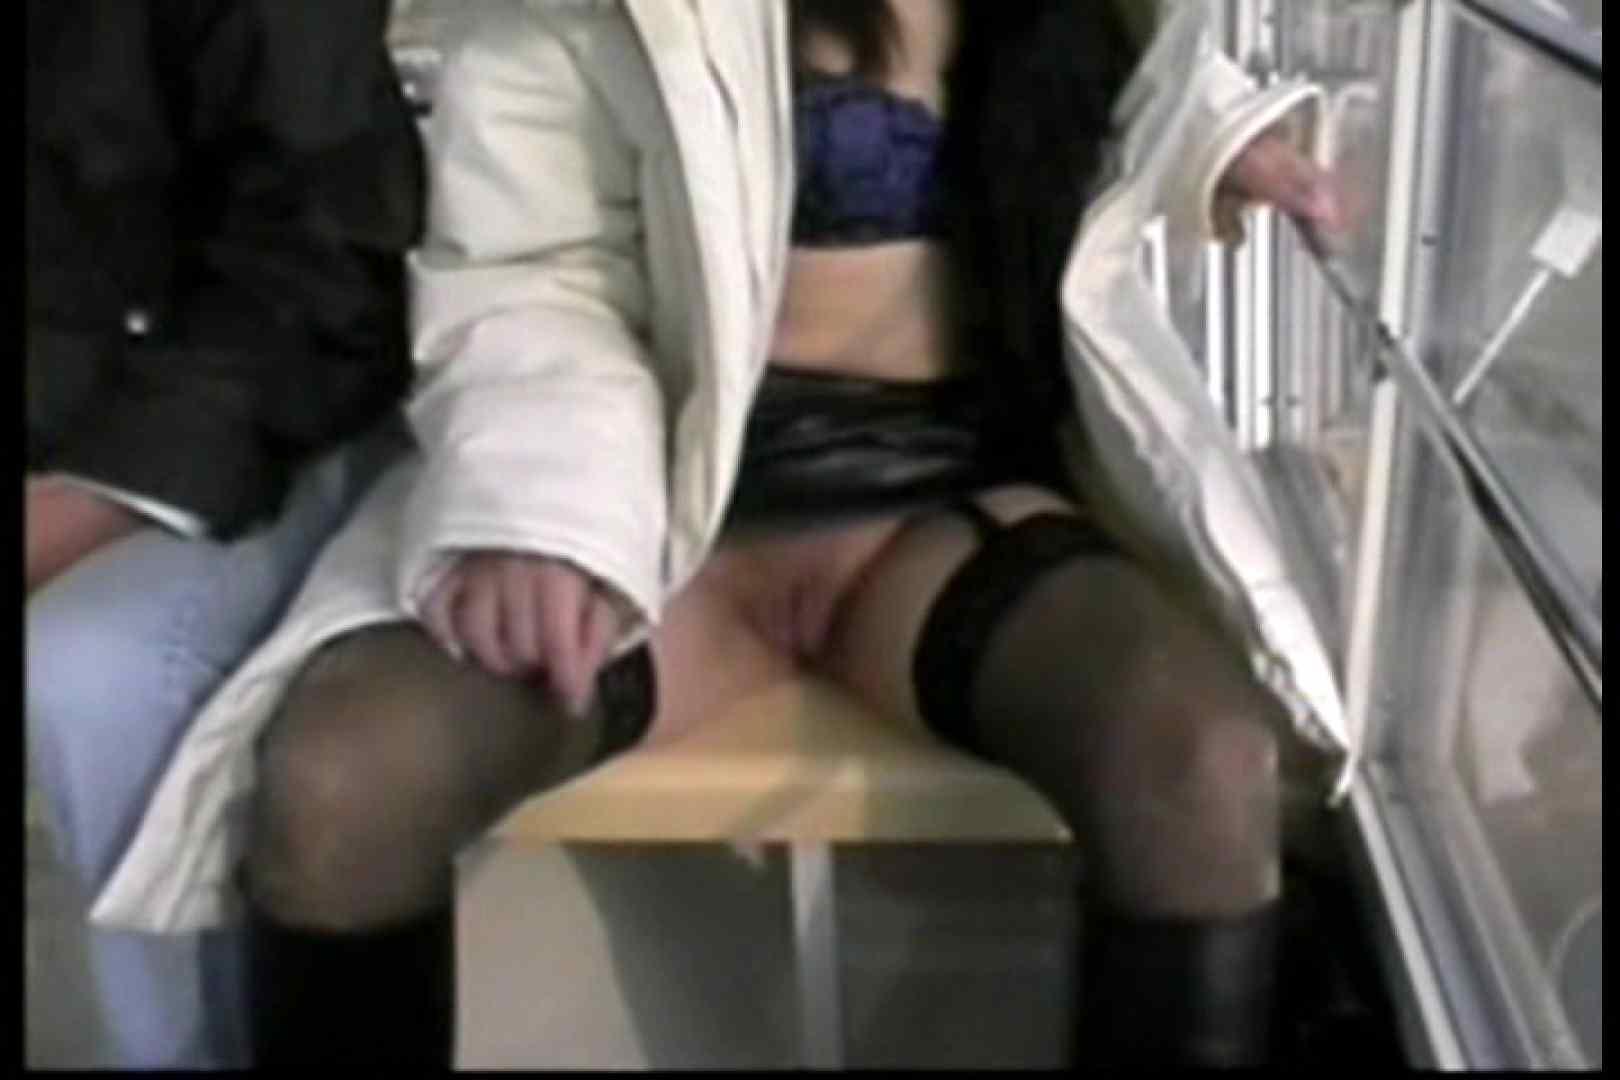 無修正エロ動画|美熟女の野外露出プレイ|大奥